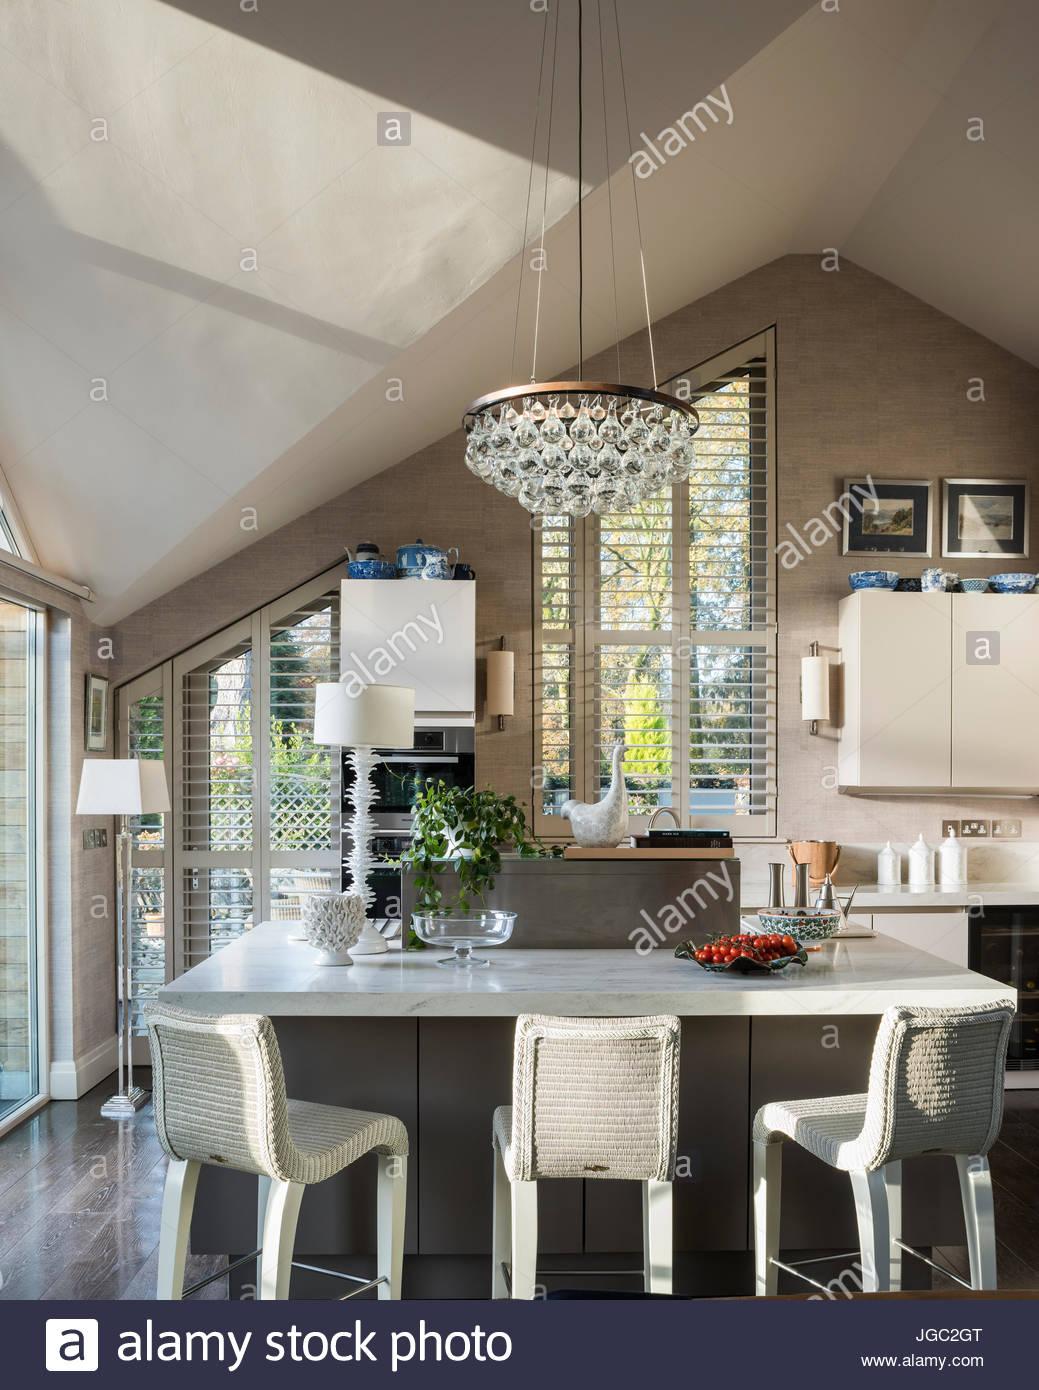 Colgante bombilla encima de barra de desayuno en un bastidor en la cocina Imagen De Stock